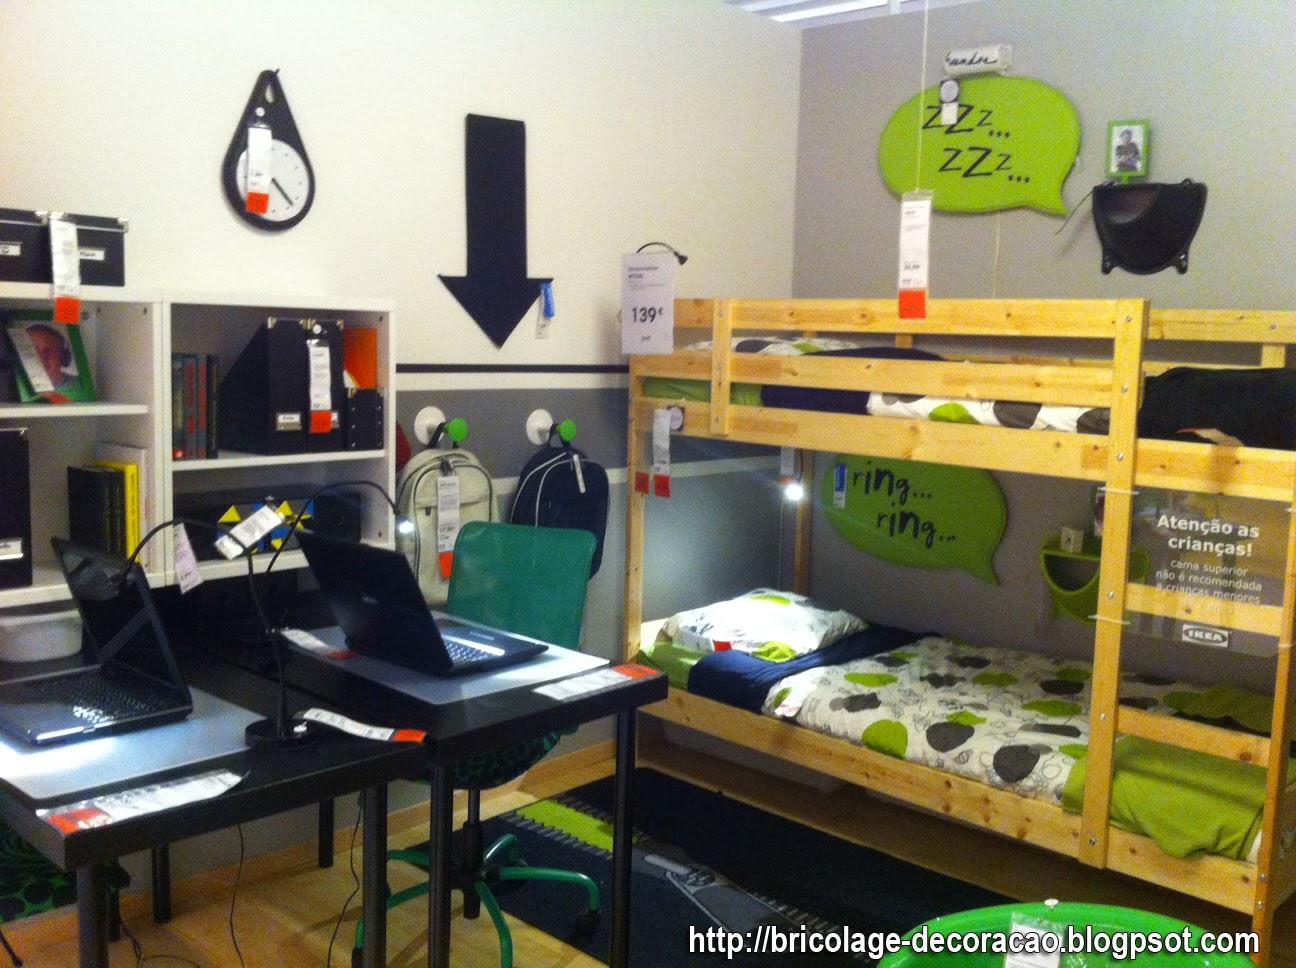 Bricolage e Decoração Ideia Ikea para Decorar um Quarto  ~ Tapetes Quarto Rapaz